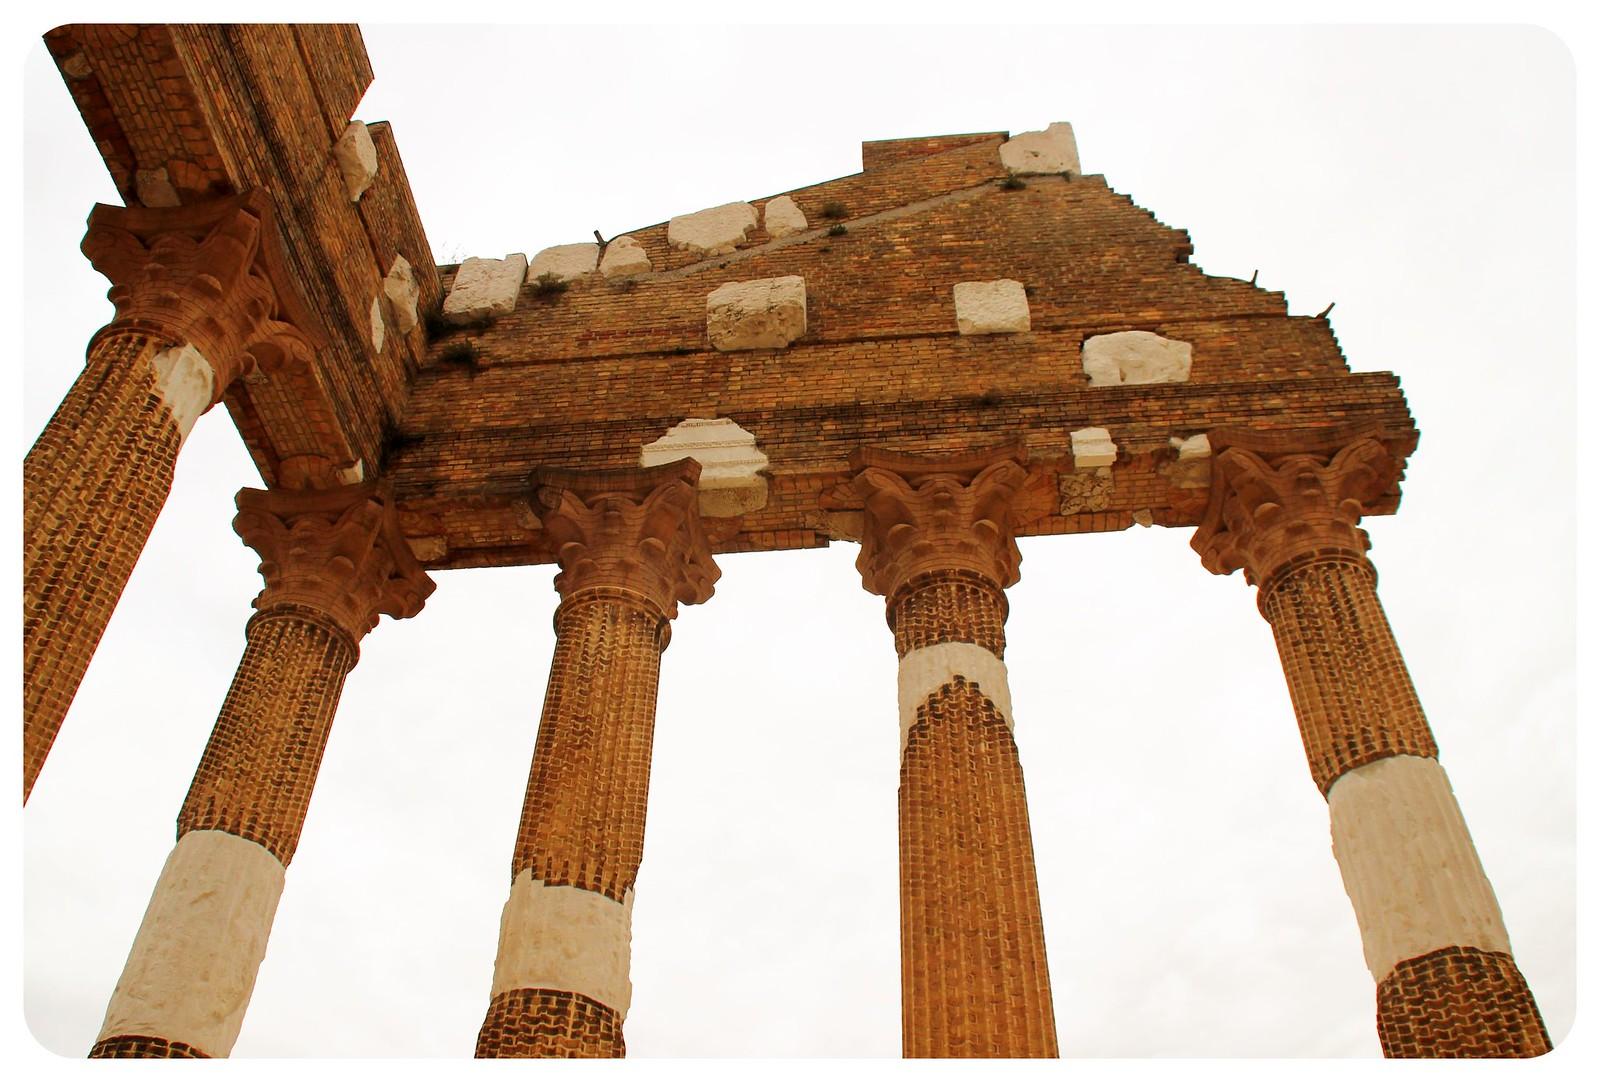 brescia roman ruins